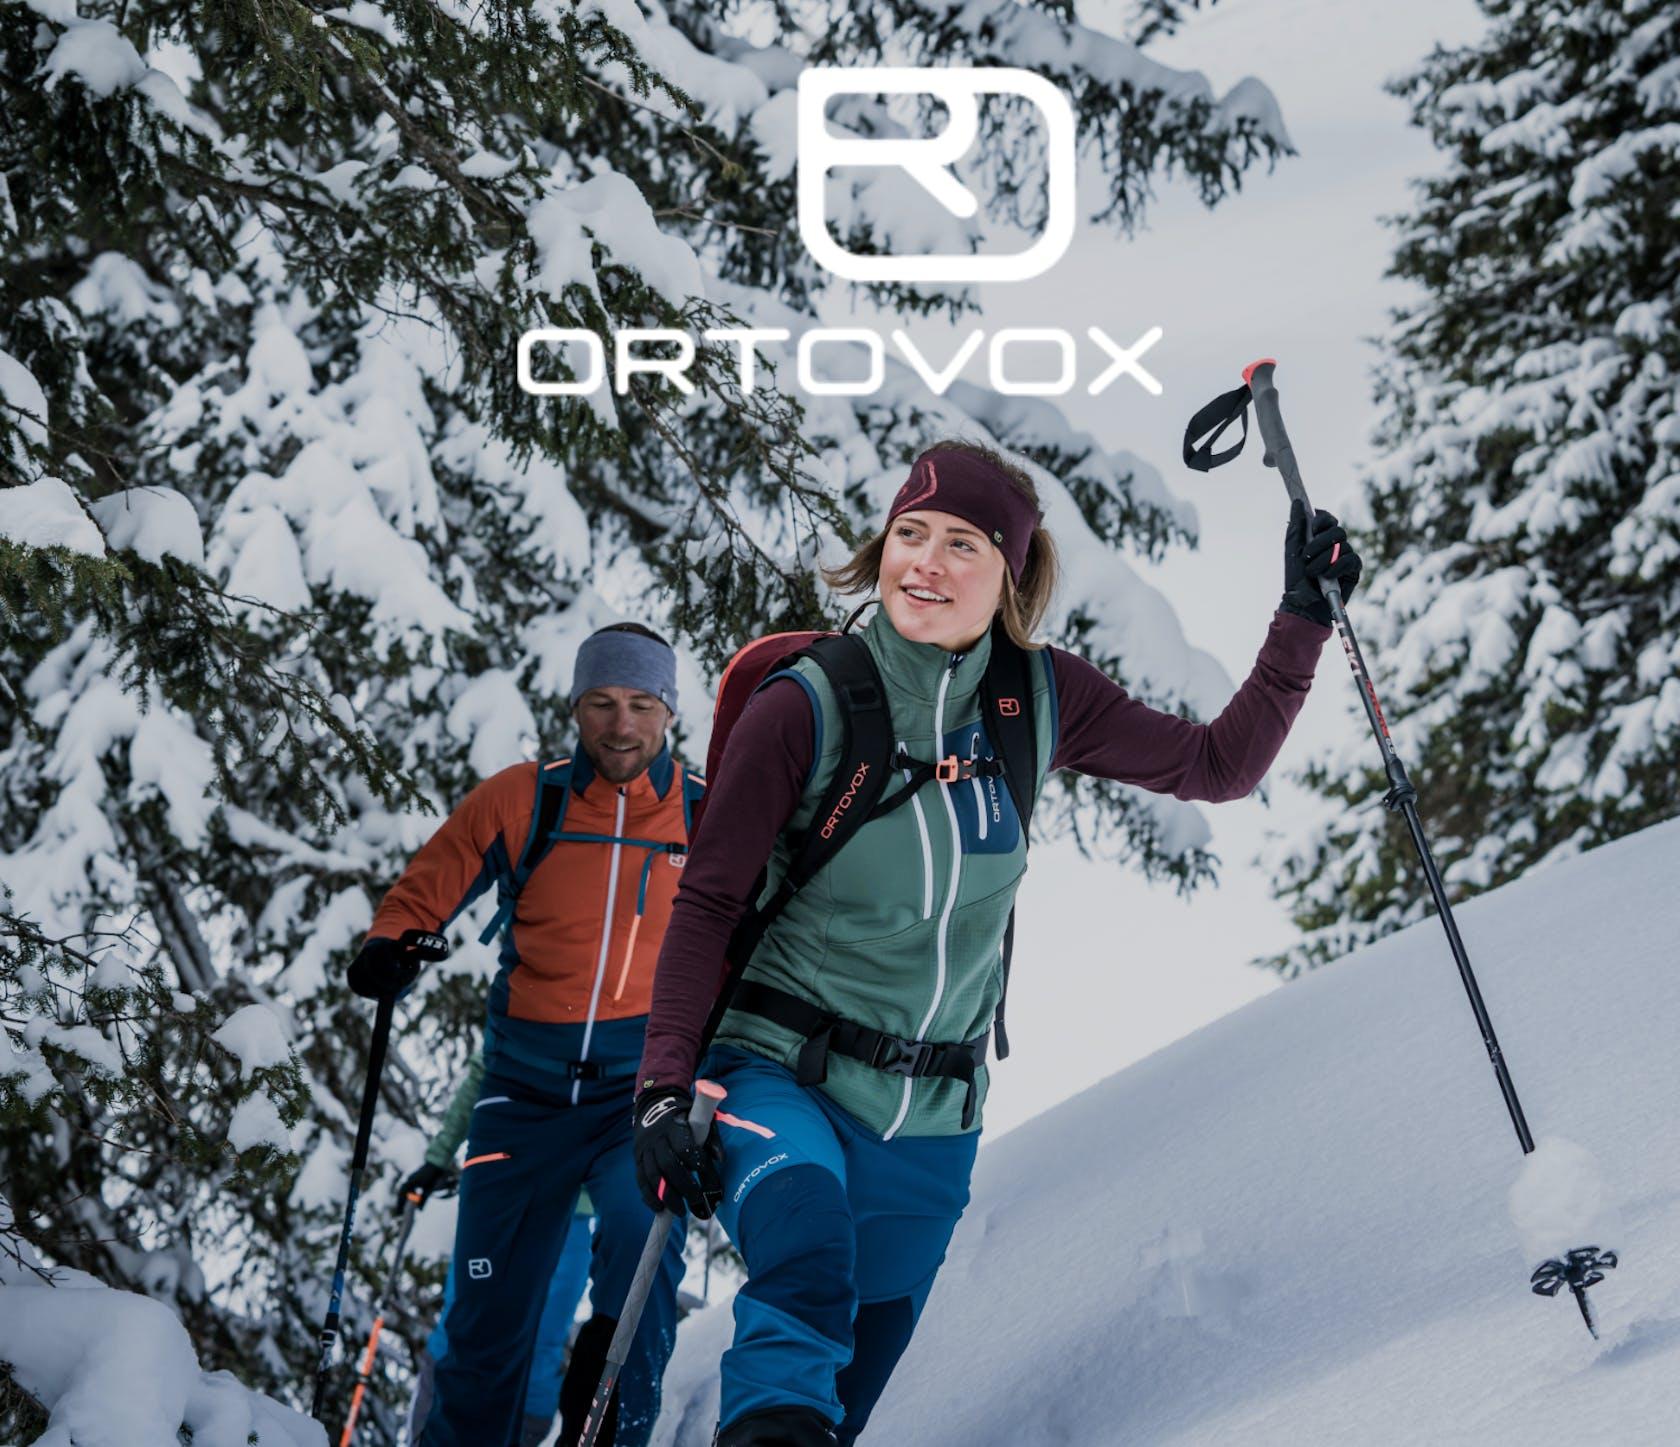 Neuheiten Ortovox shop online